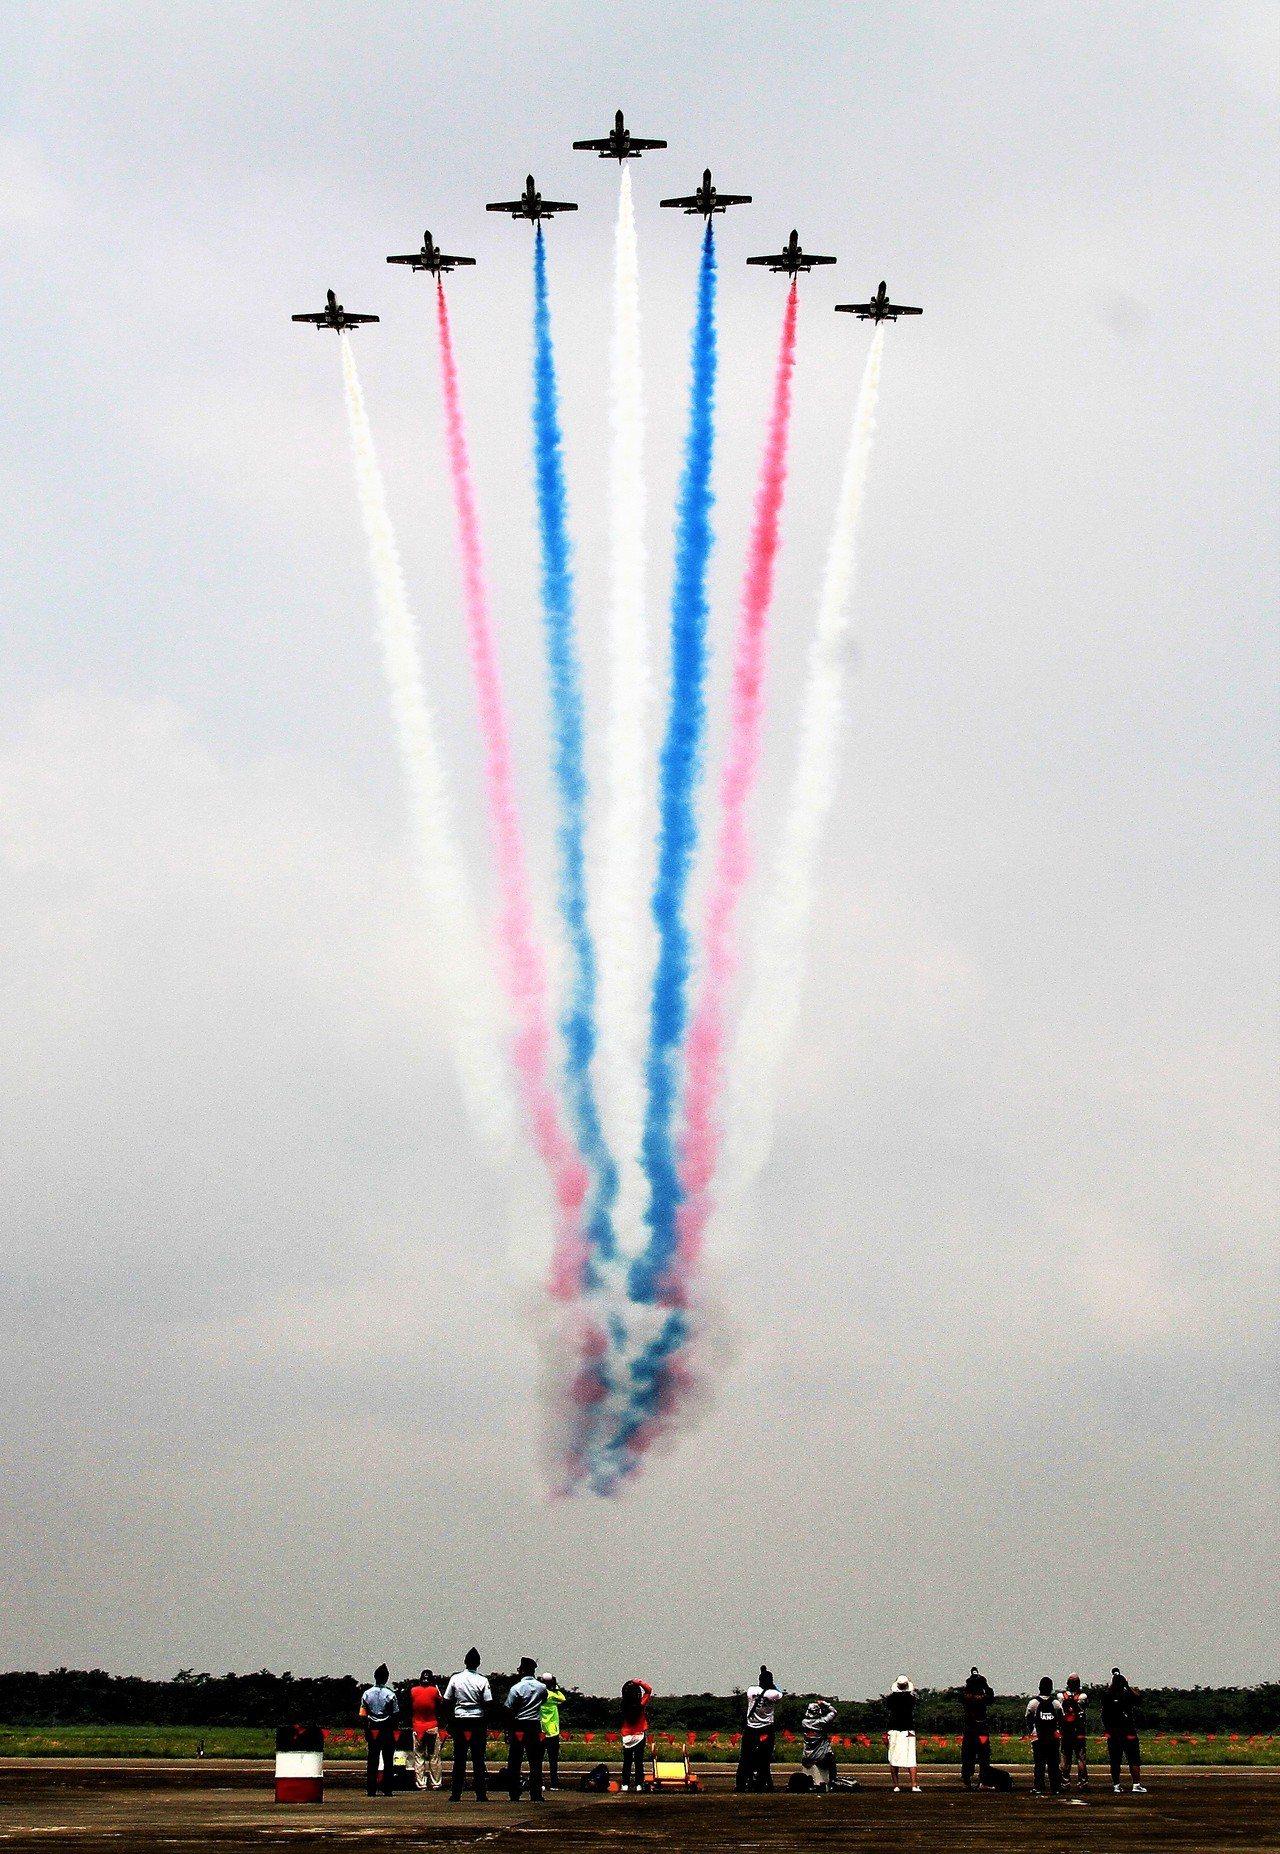 雷虎小組小組飛行表演。記者卜敏正/攝影